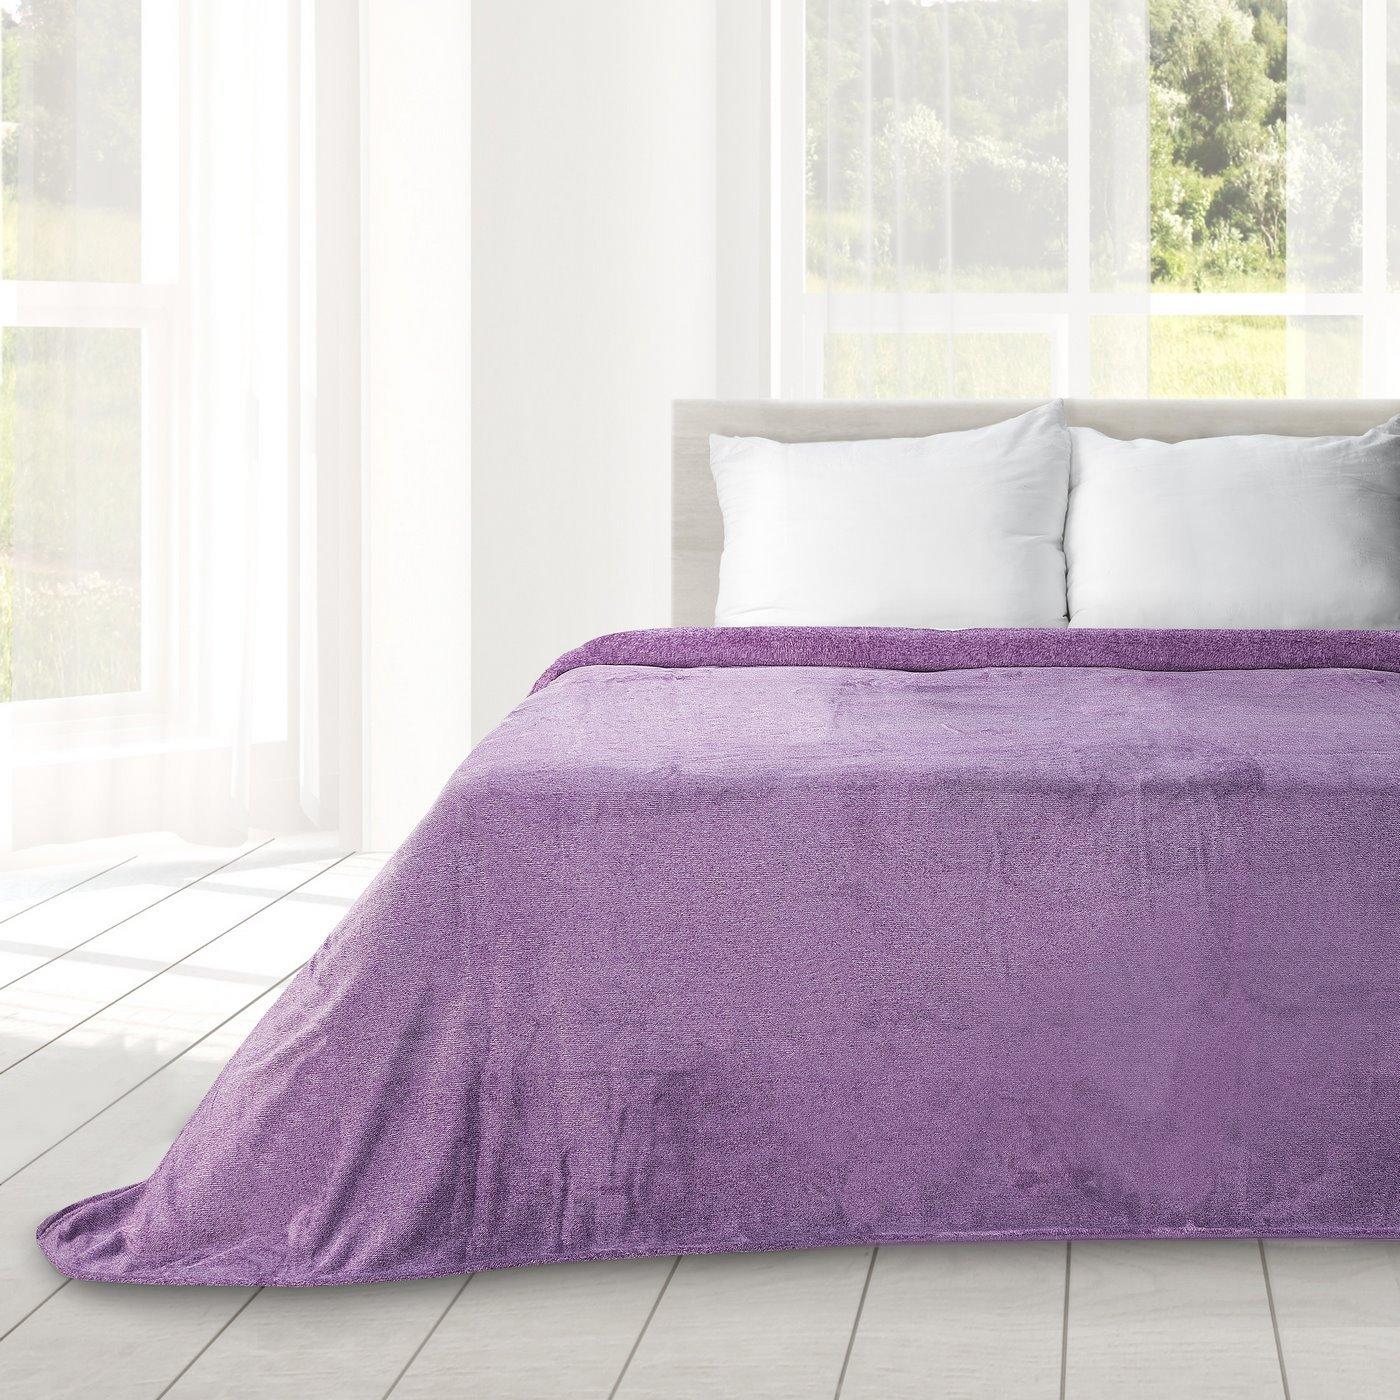 Koc miękki fioletowy gładki 170 x 210 cm